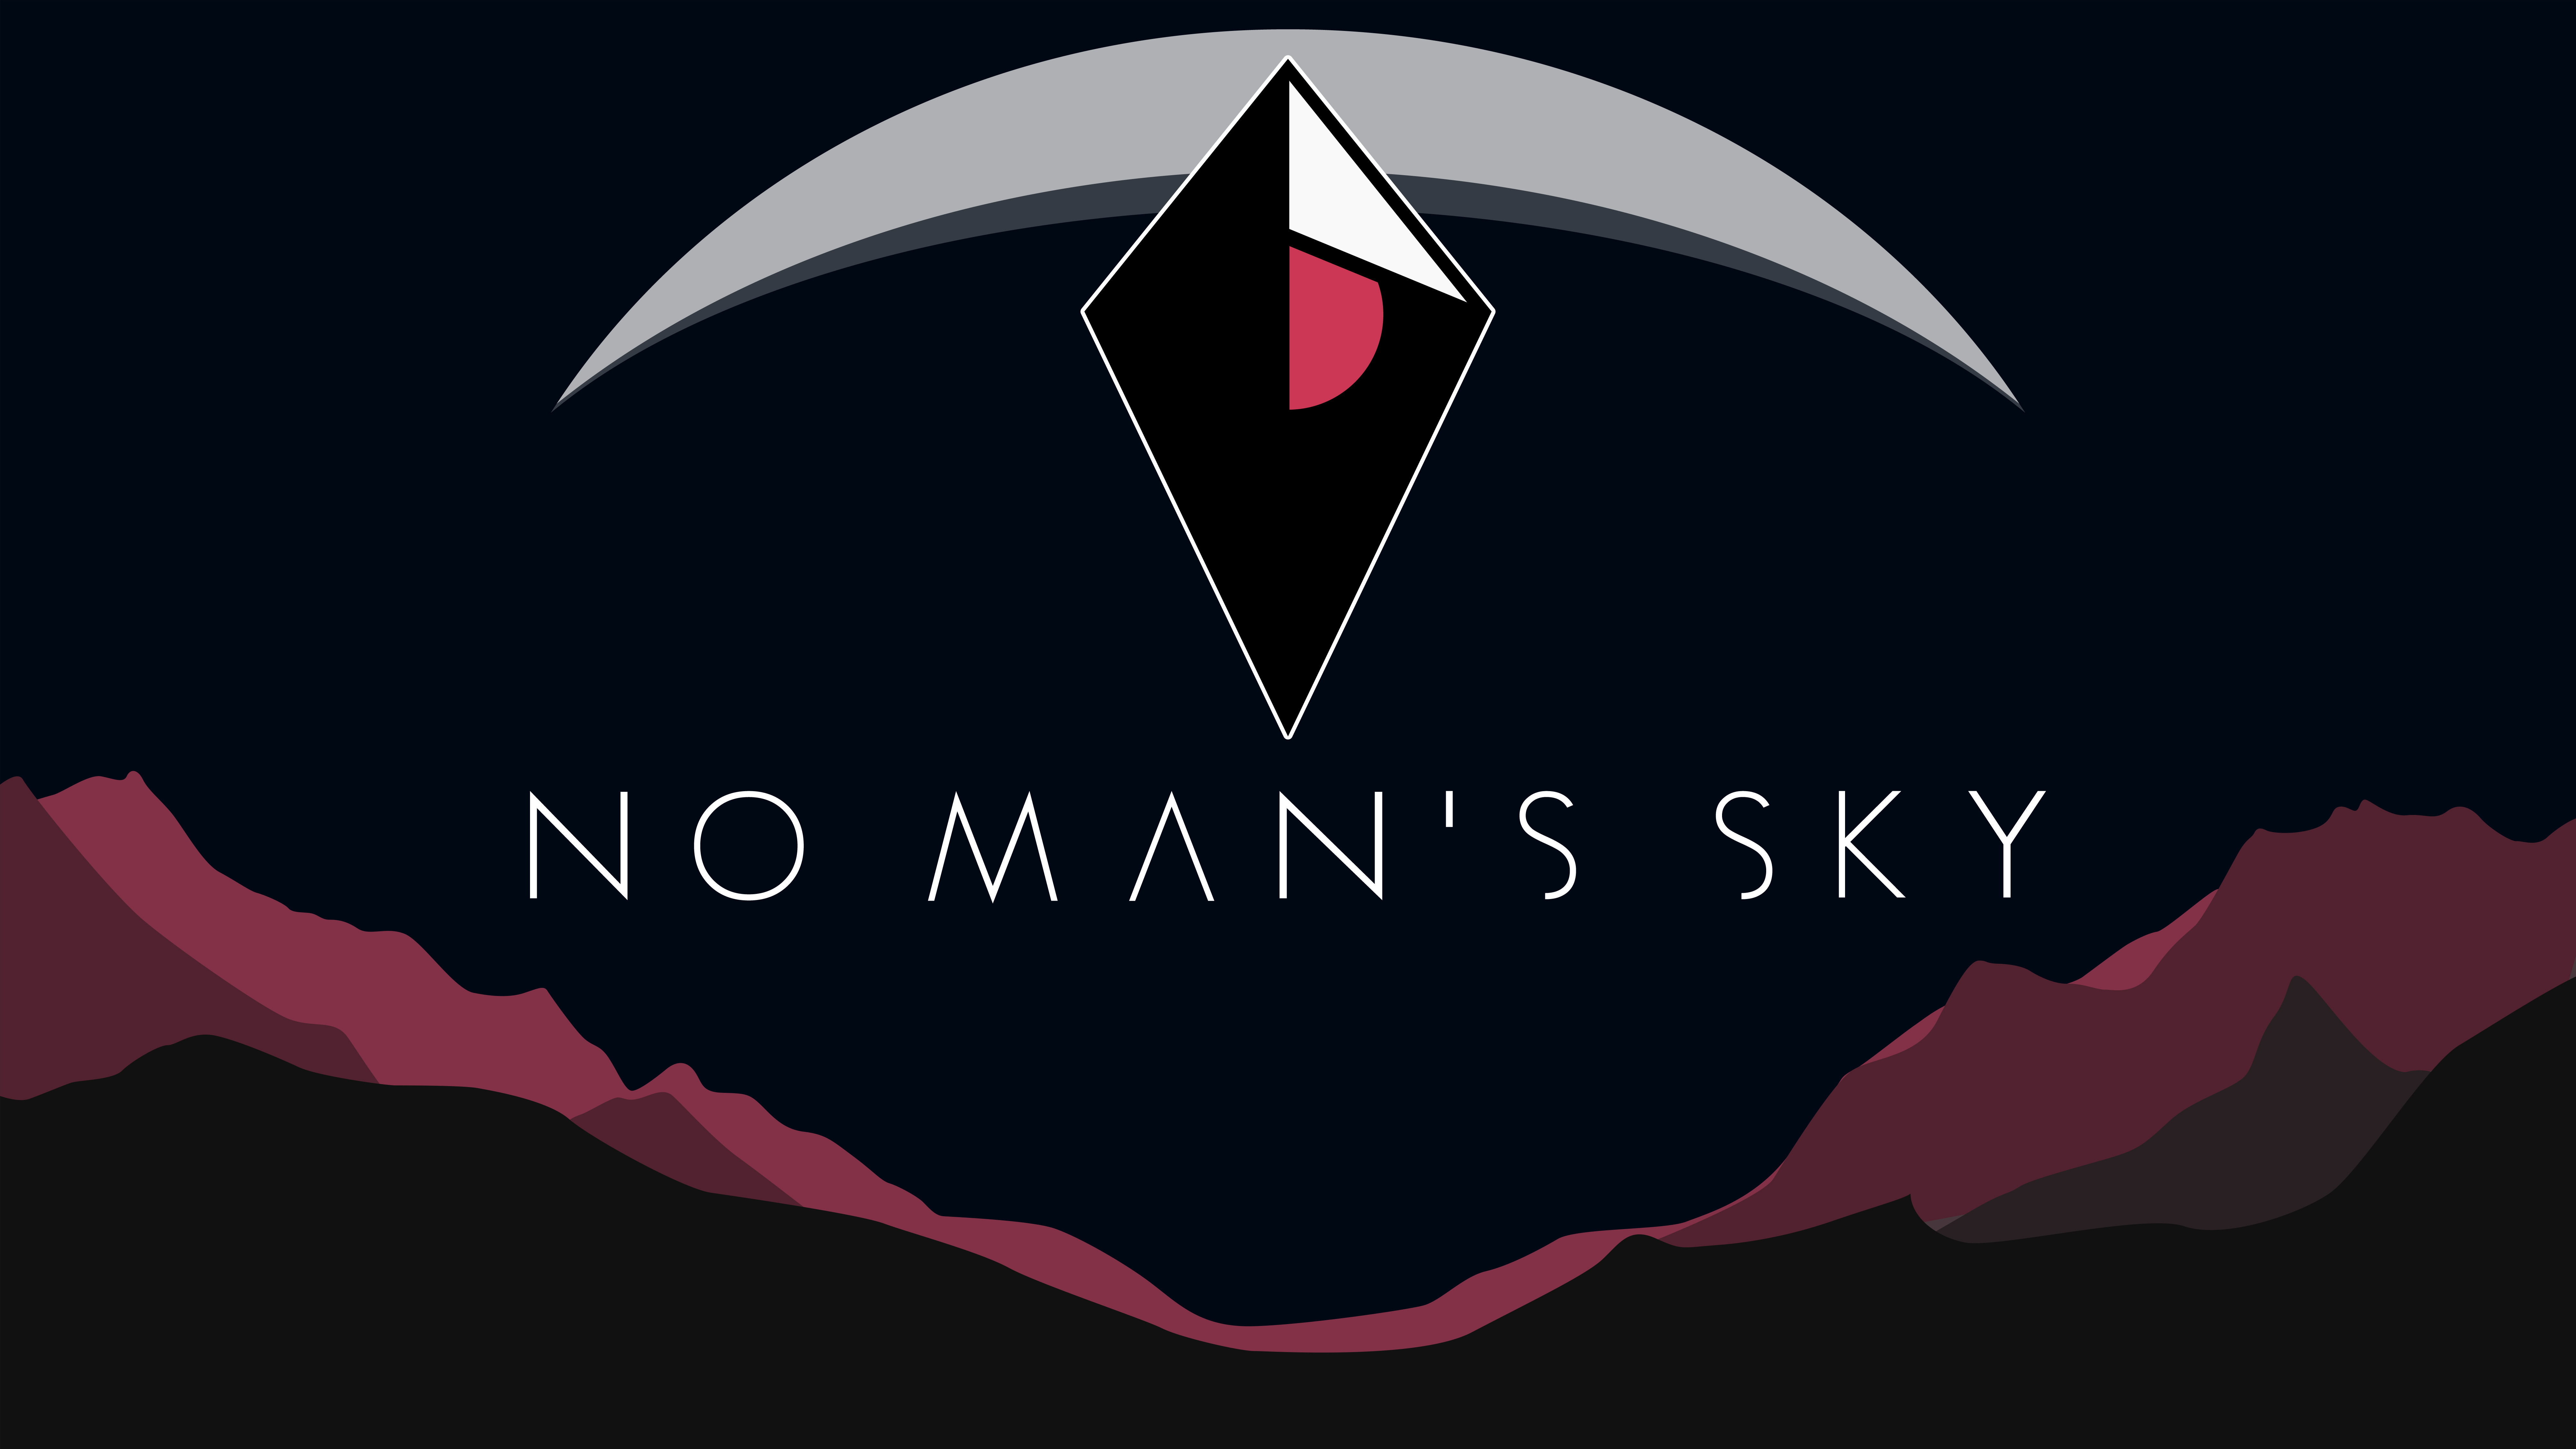 No Man's Sky Full HD